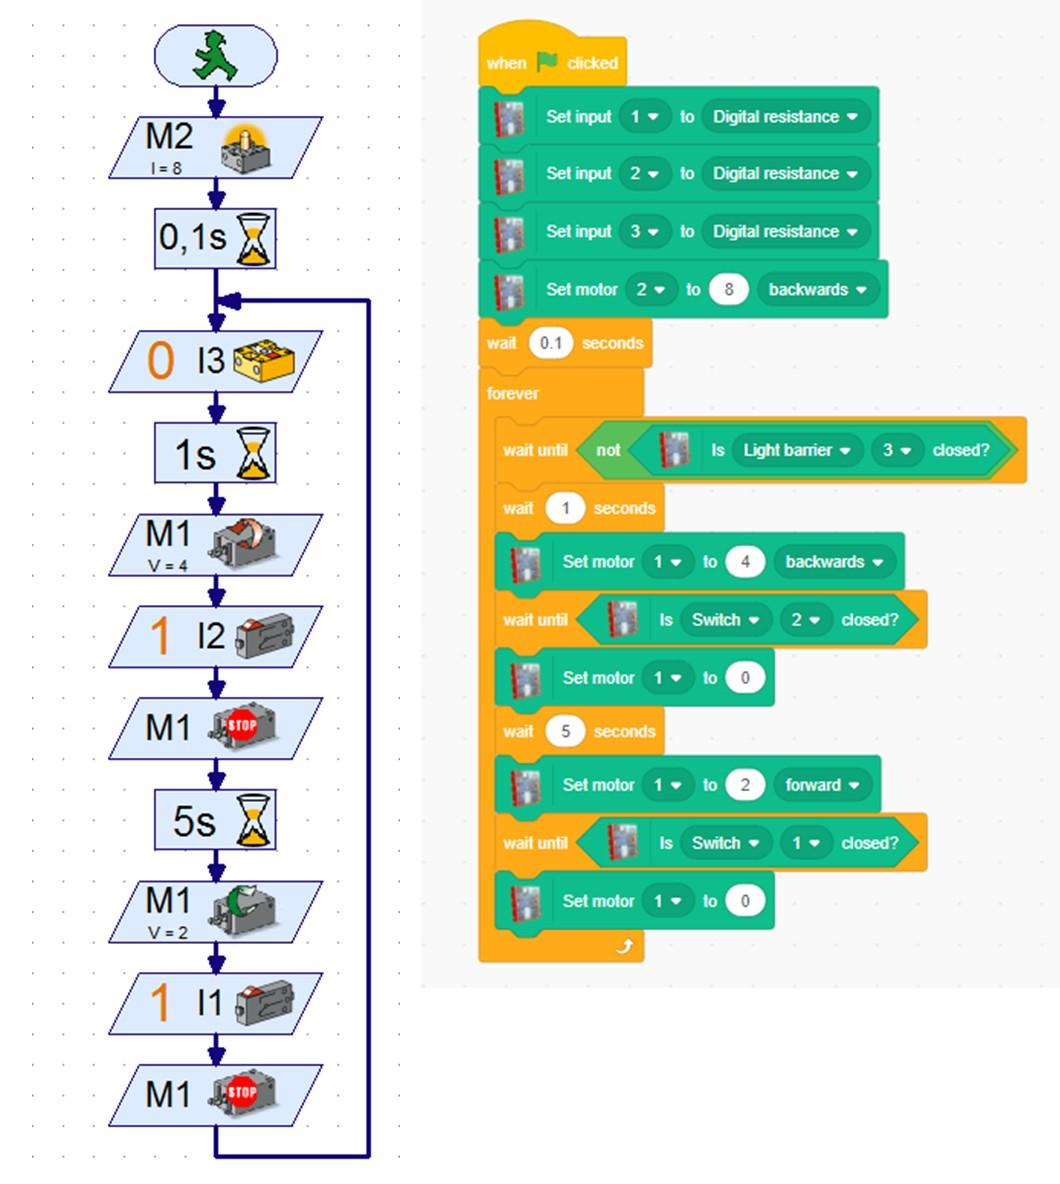 ROBO Pro Light vs Scratch